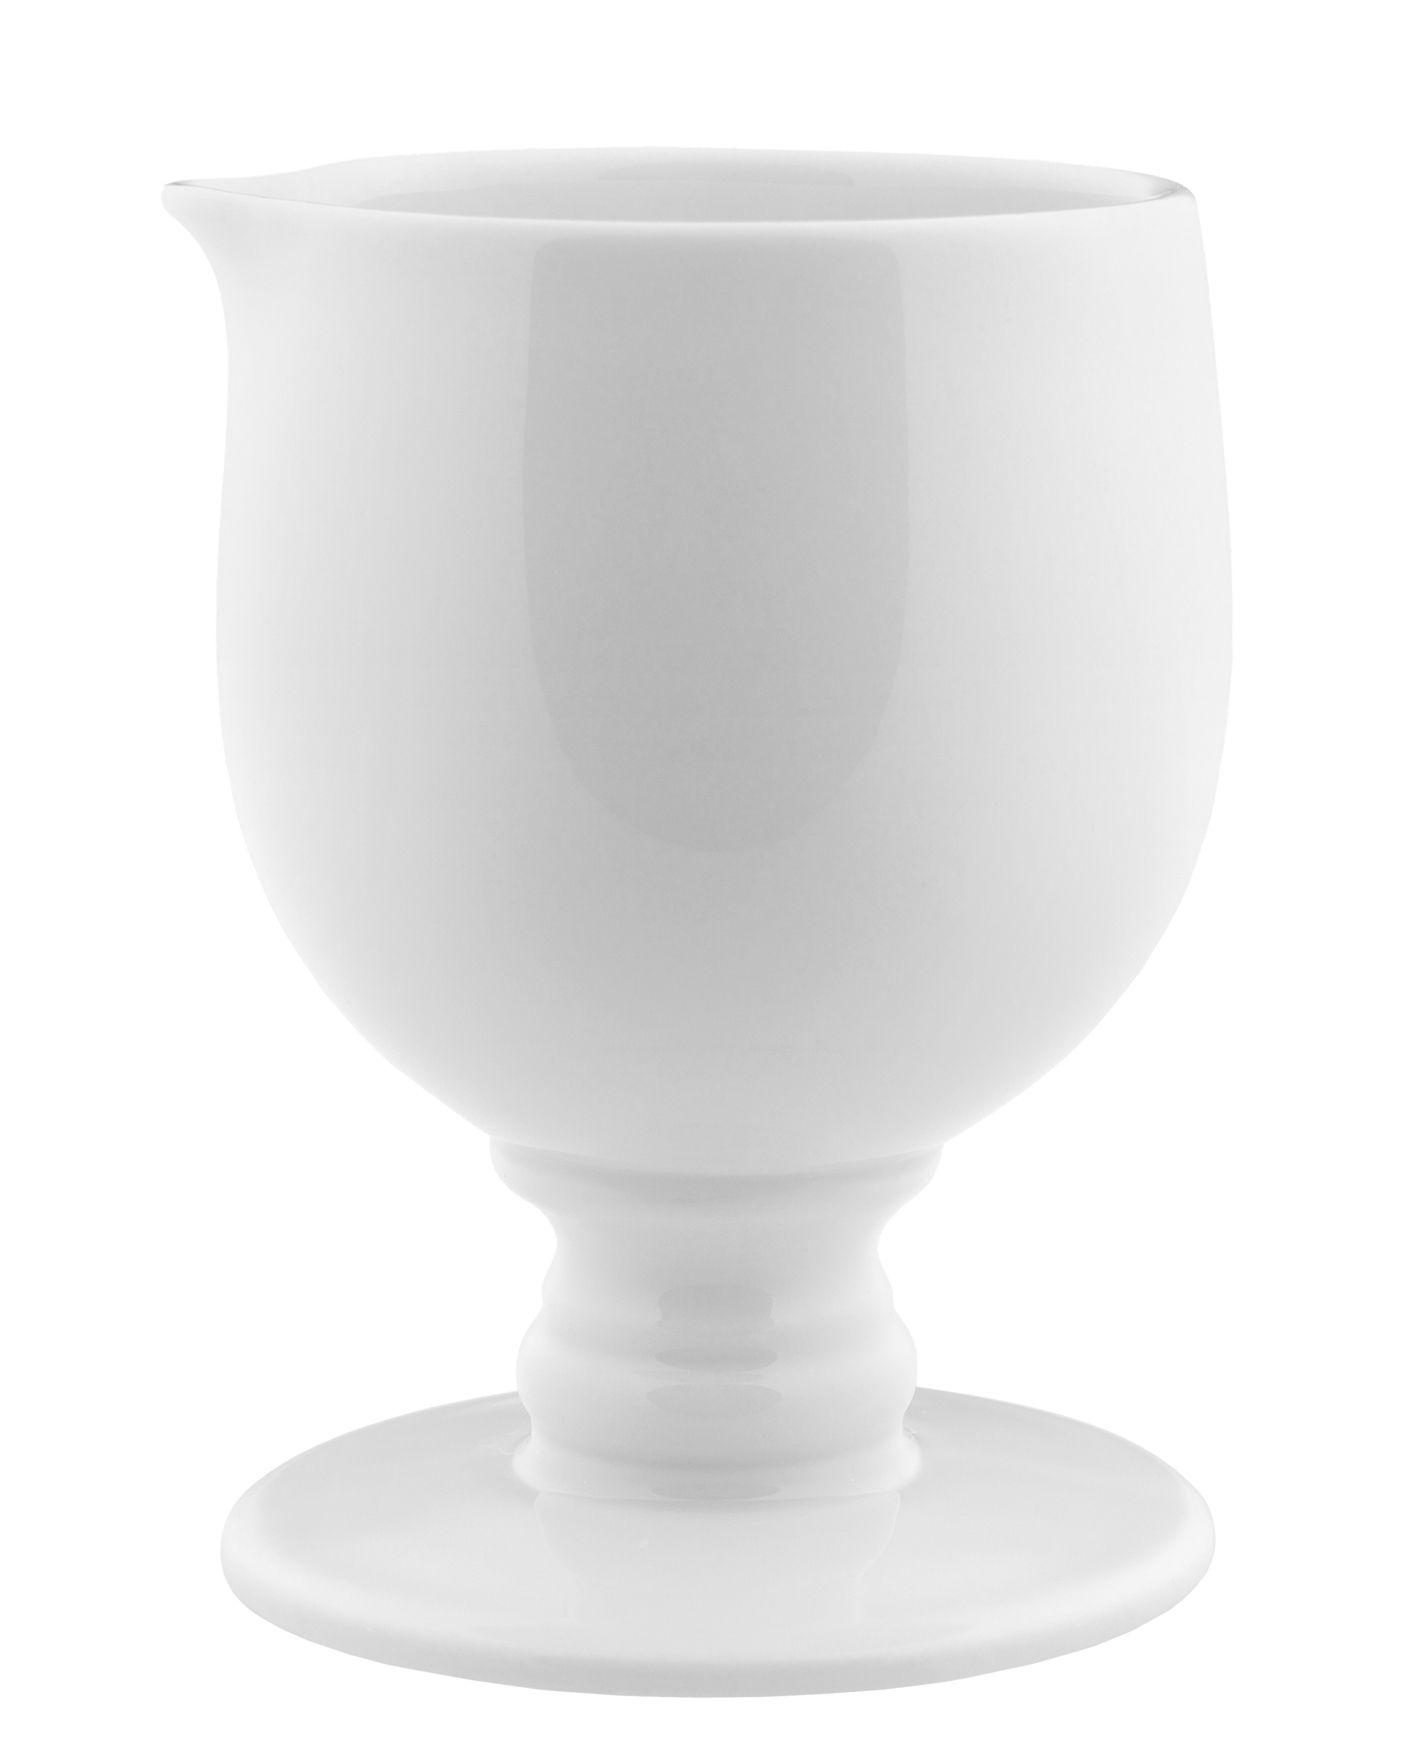 Cucina - Zuccheriere - Lattiera Dressed di Alessi - Bianco - Porcellana